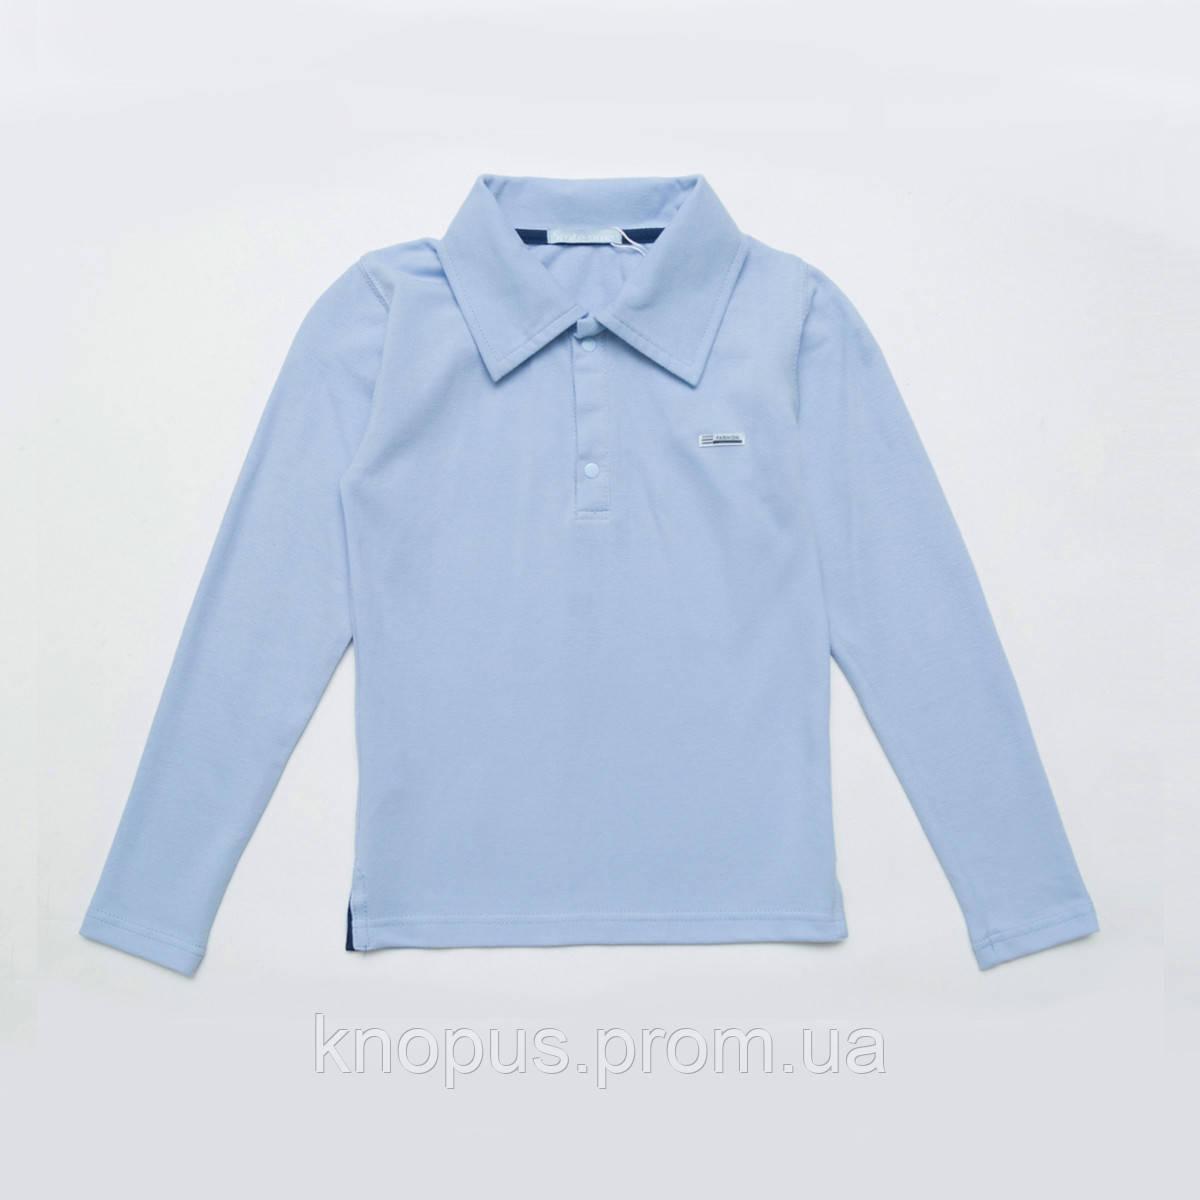 Поло для мальчика с длинным рукавом, голубая, SmileTime, размеры 152 - 164